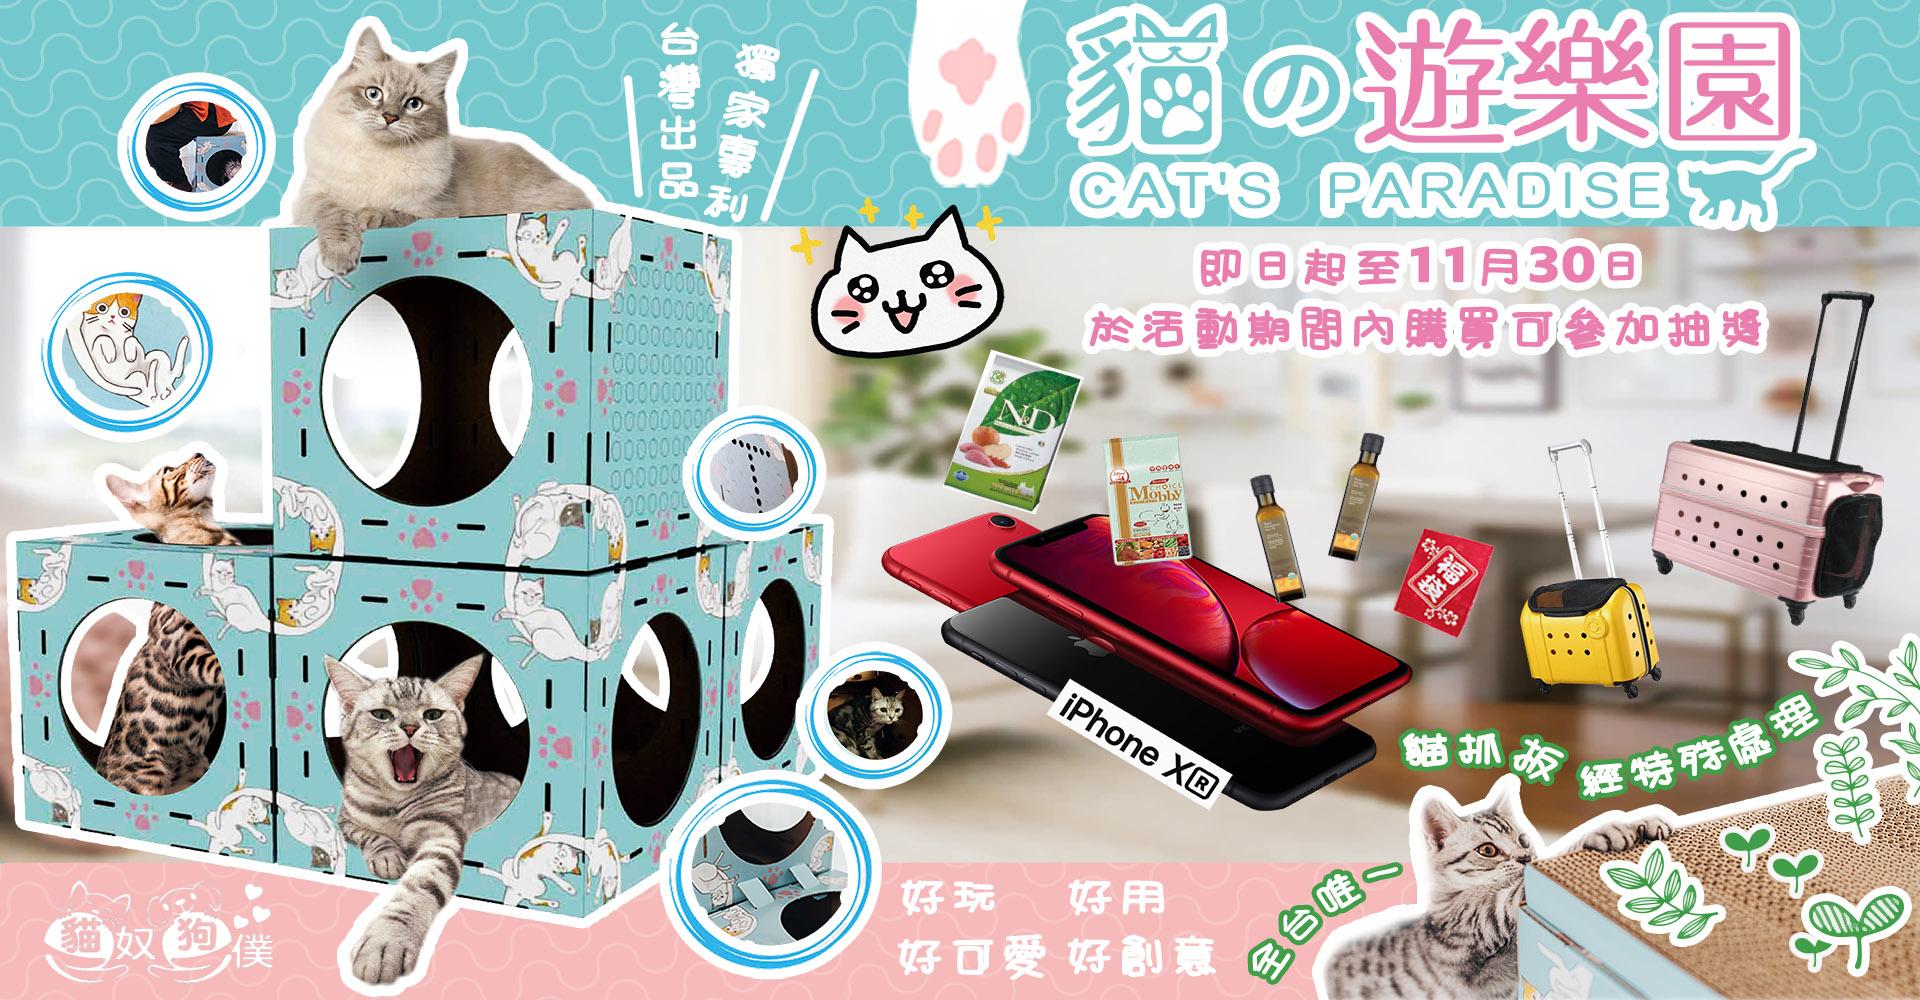 貓的遊樂園